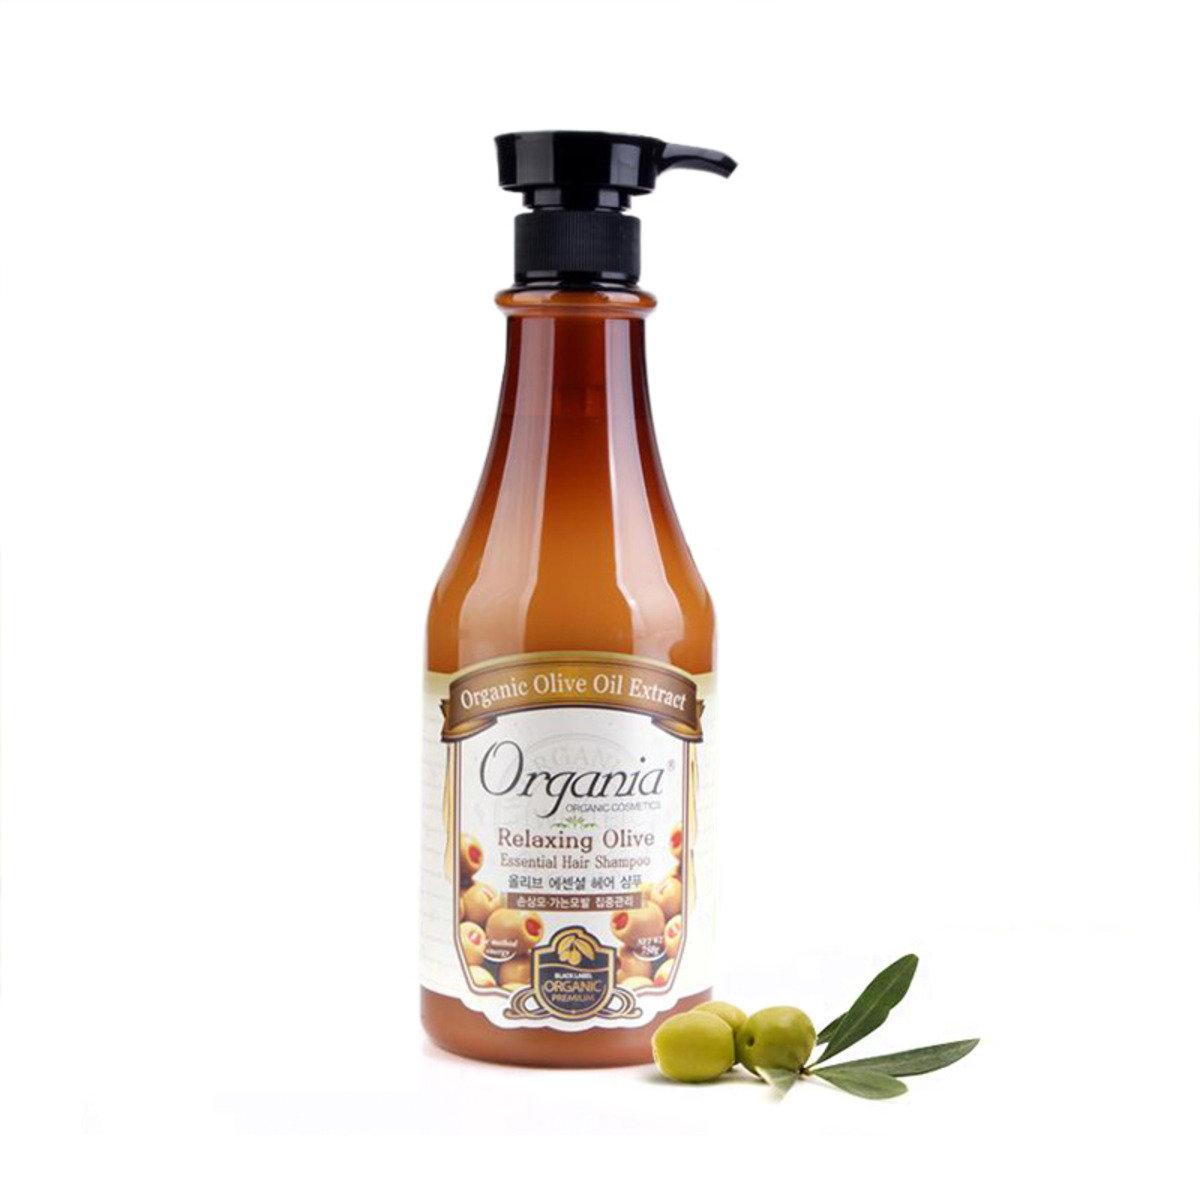 立體修護橄欖精華洗髮露 750克